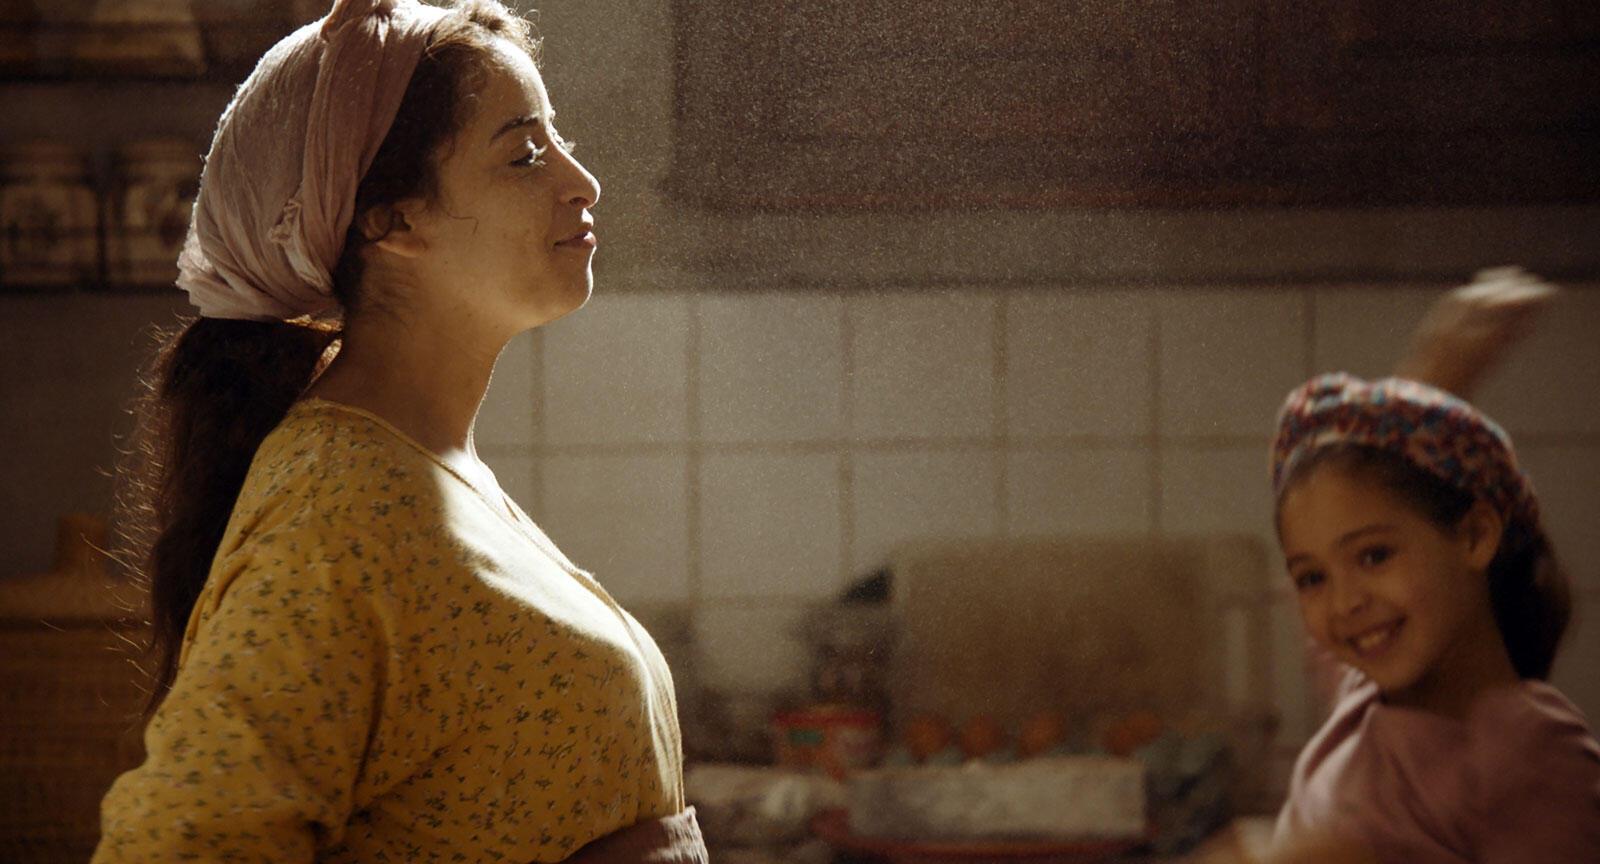 Nisrin Erradi dans « Adam », de la réalisatrice marocaine Maryam Touzani.